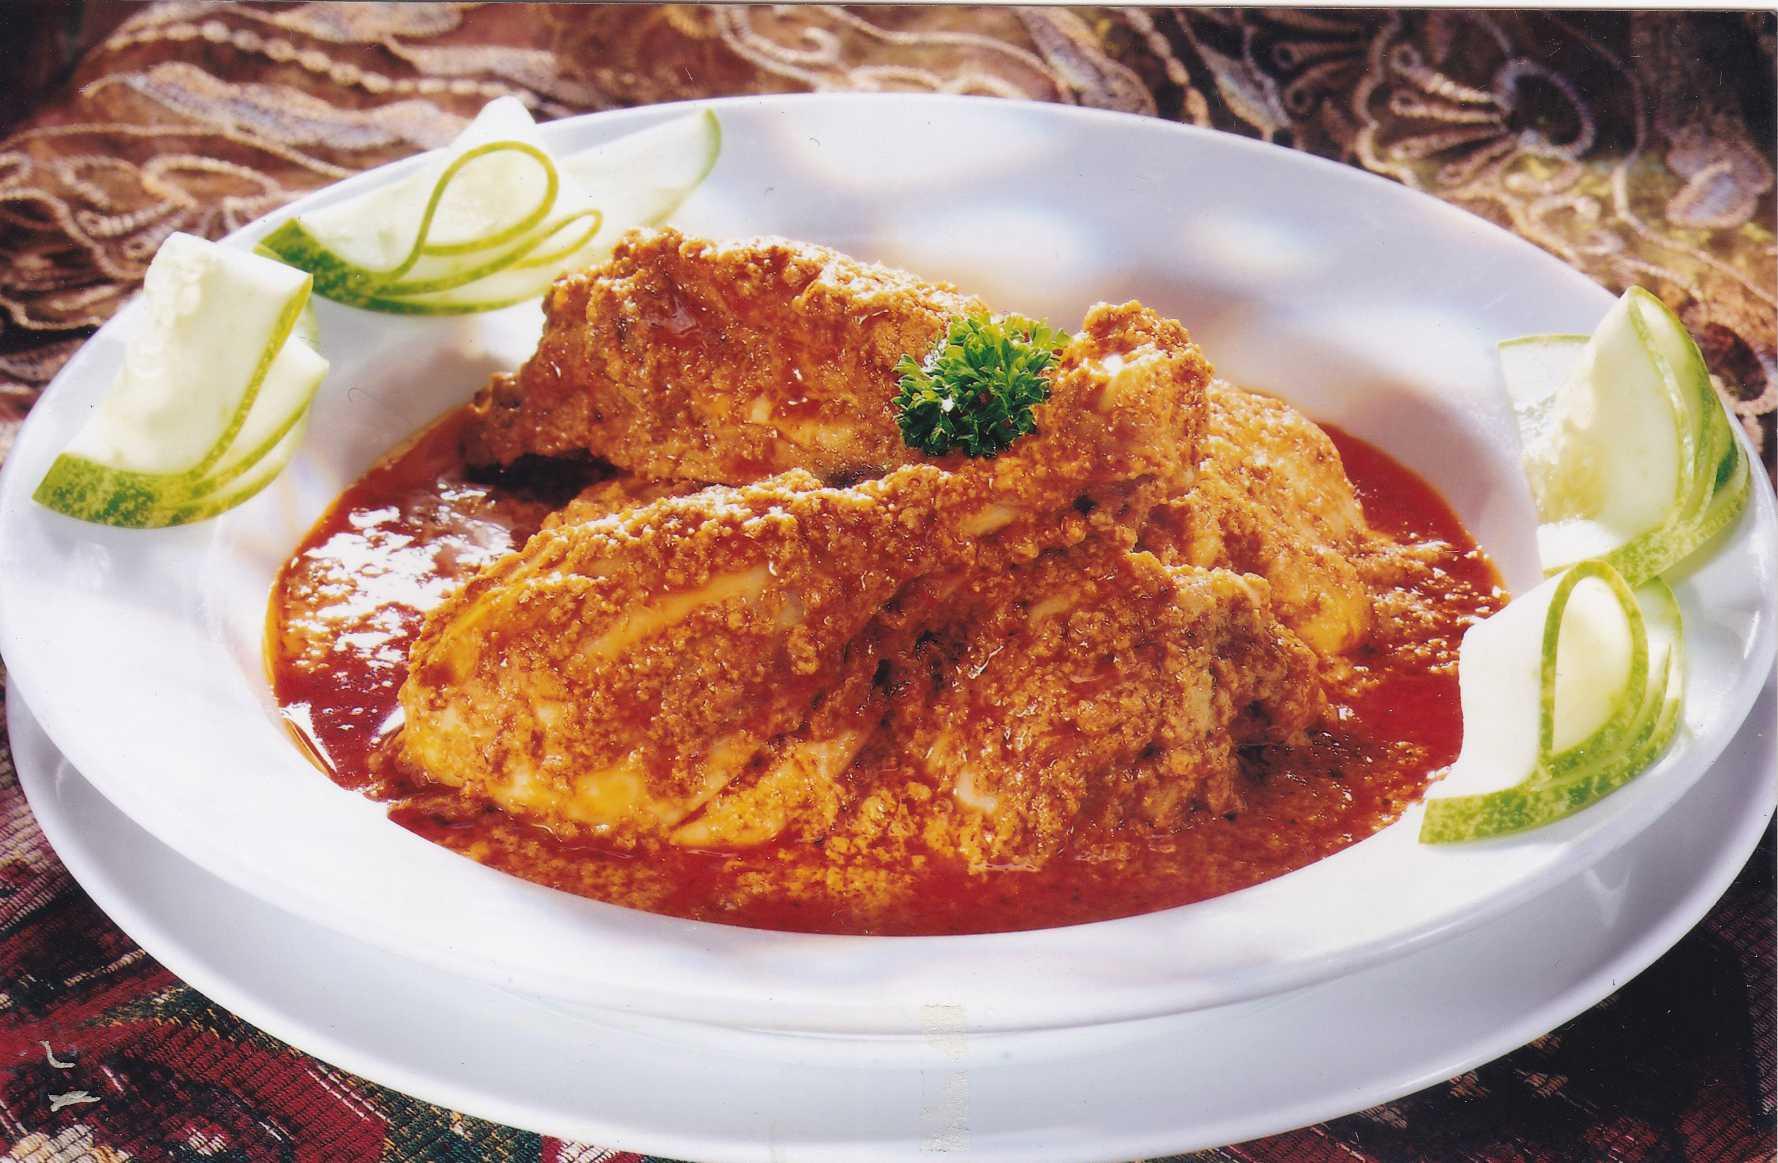 仁当,黄姜饭,炒粿条为2011年大马多元文化美食标志